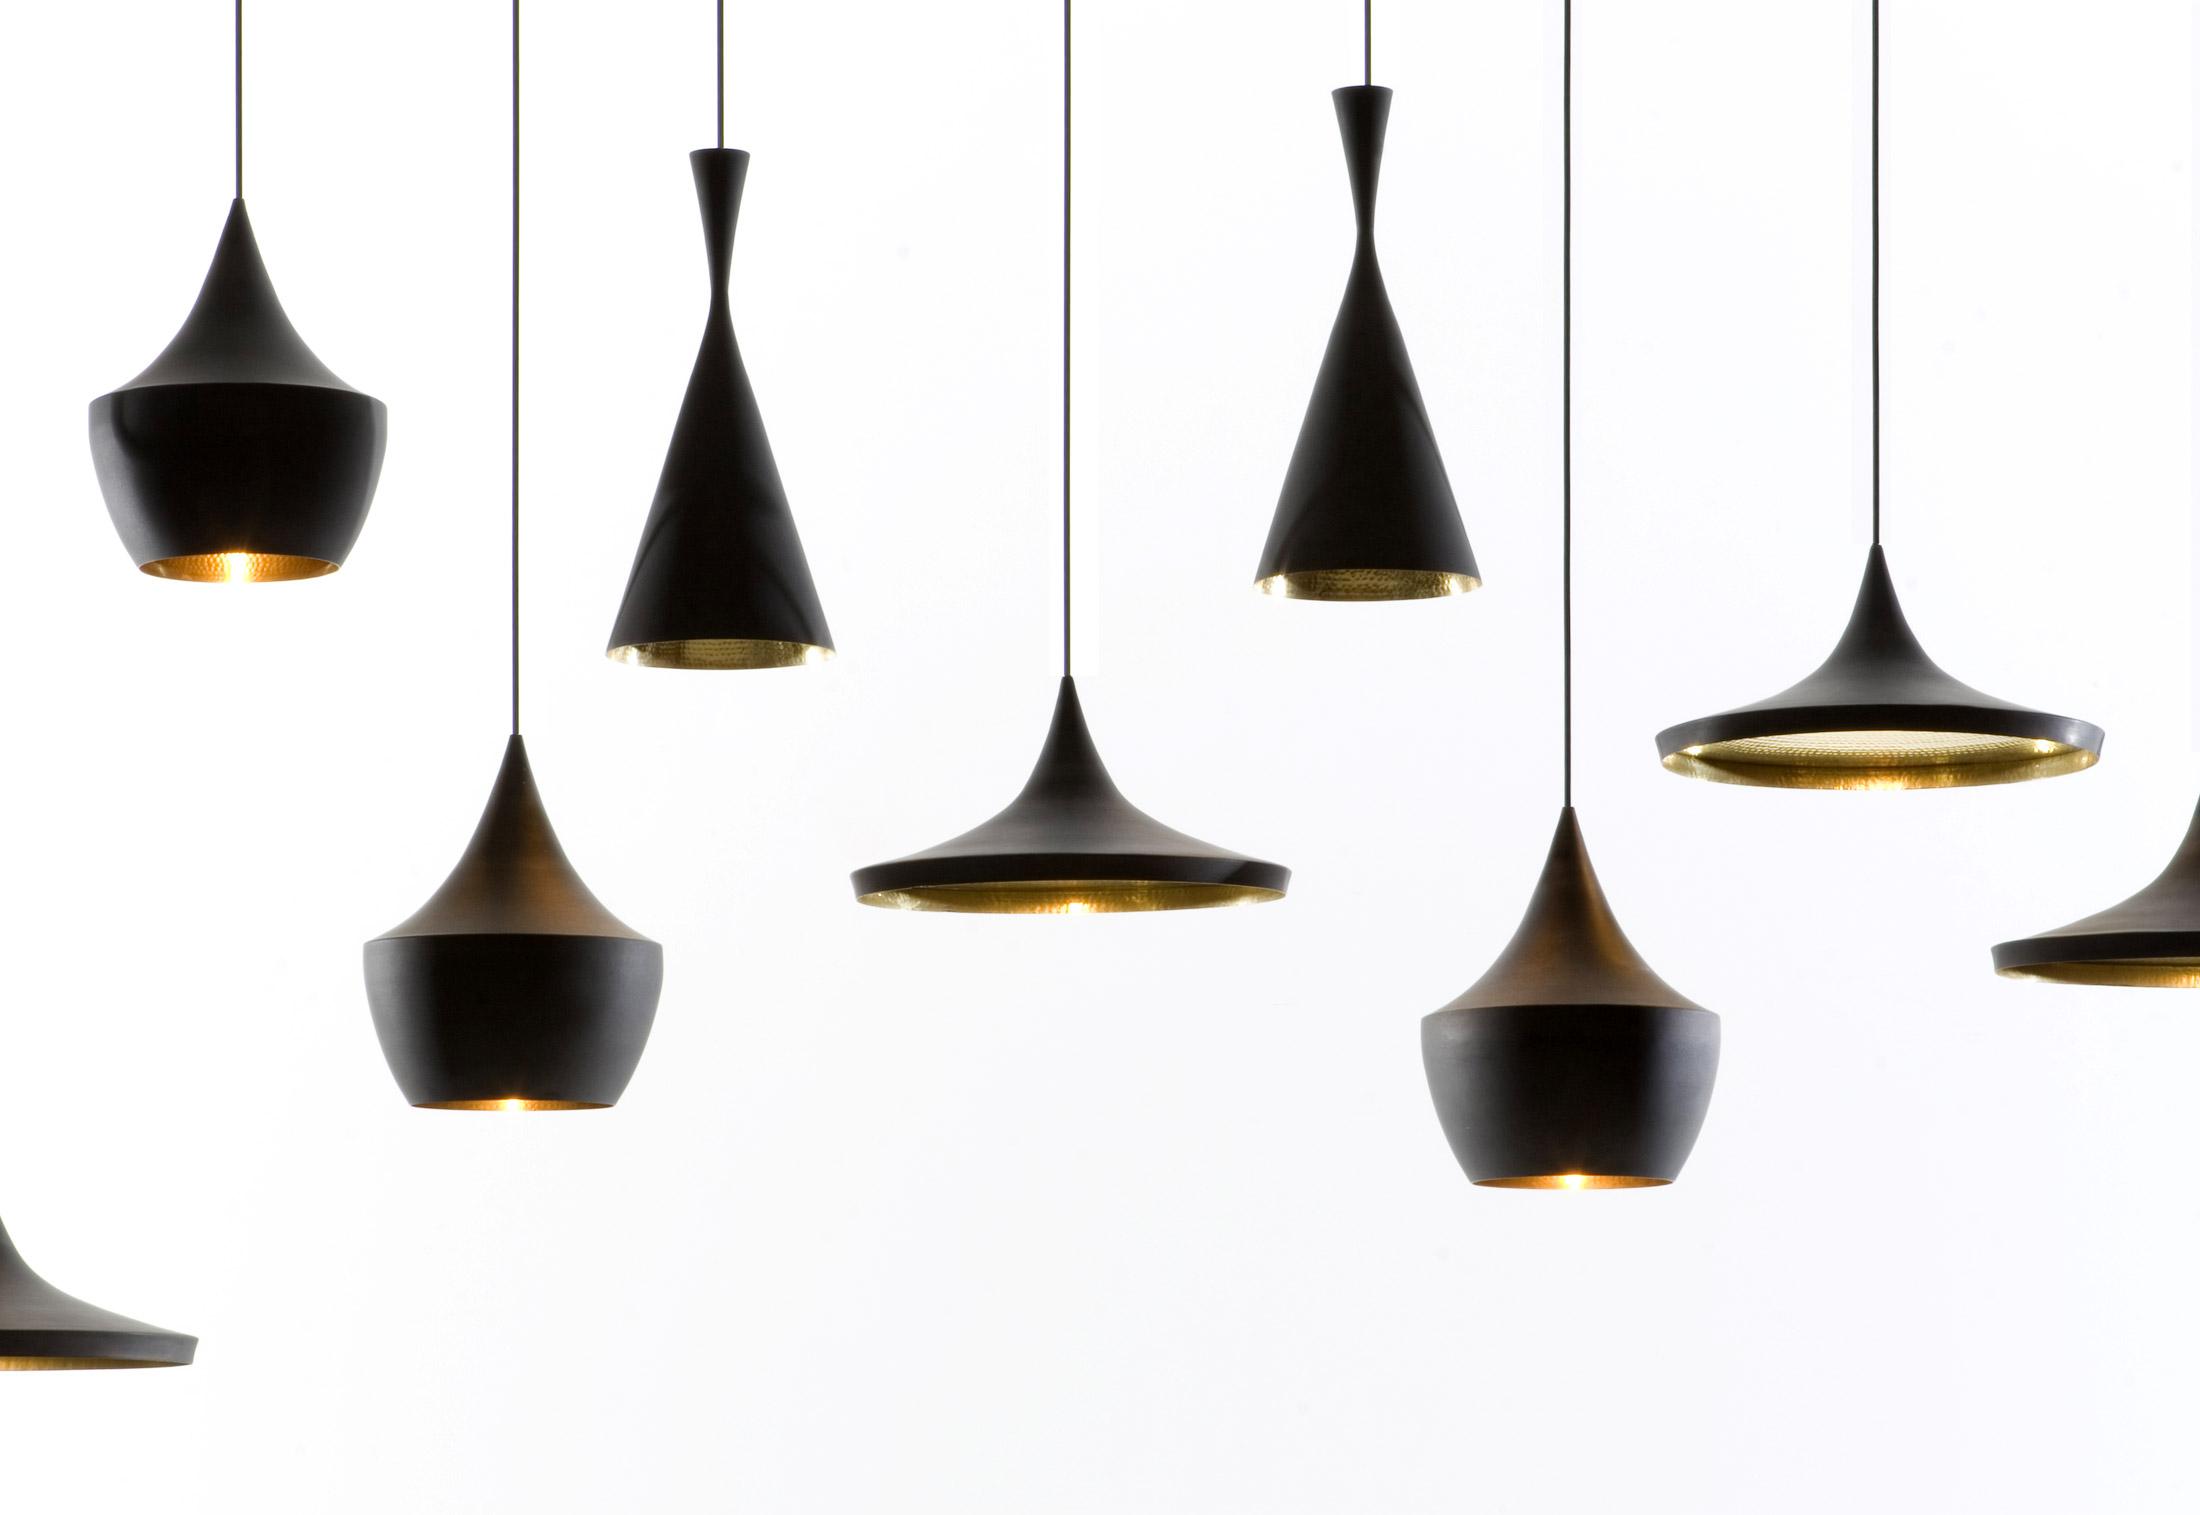 dizaynerskie-predmety-interera-ot-tom-dixon-design